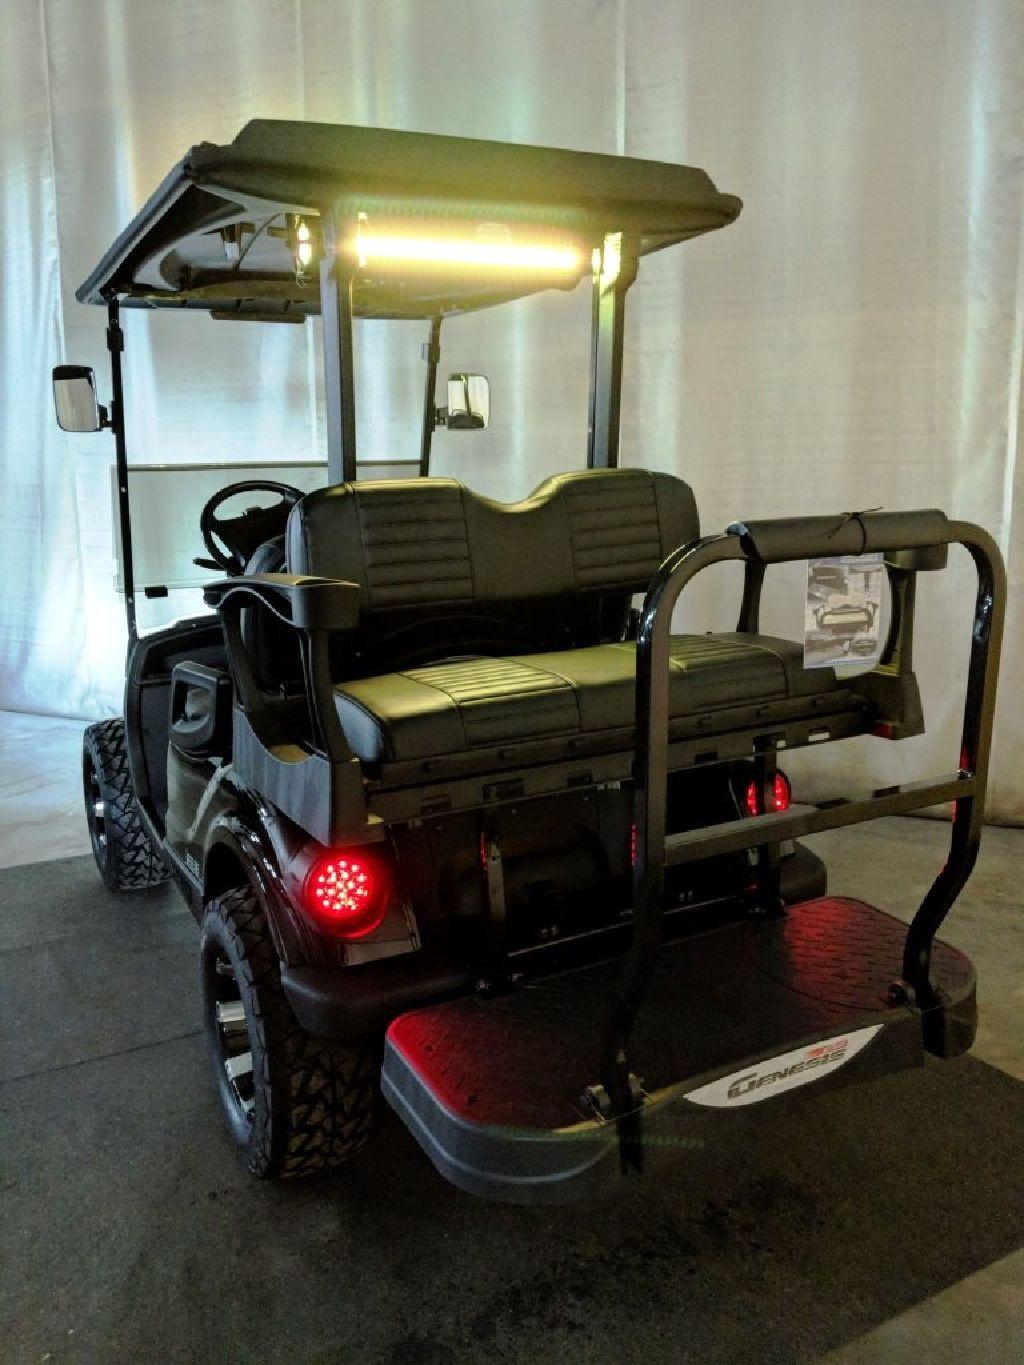 2014 Yamaha Gas Efi Golf Cart Bazooka Sound Bar  Deluxe